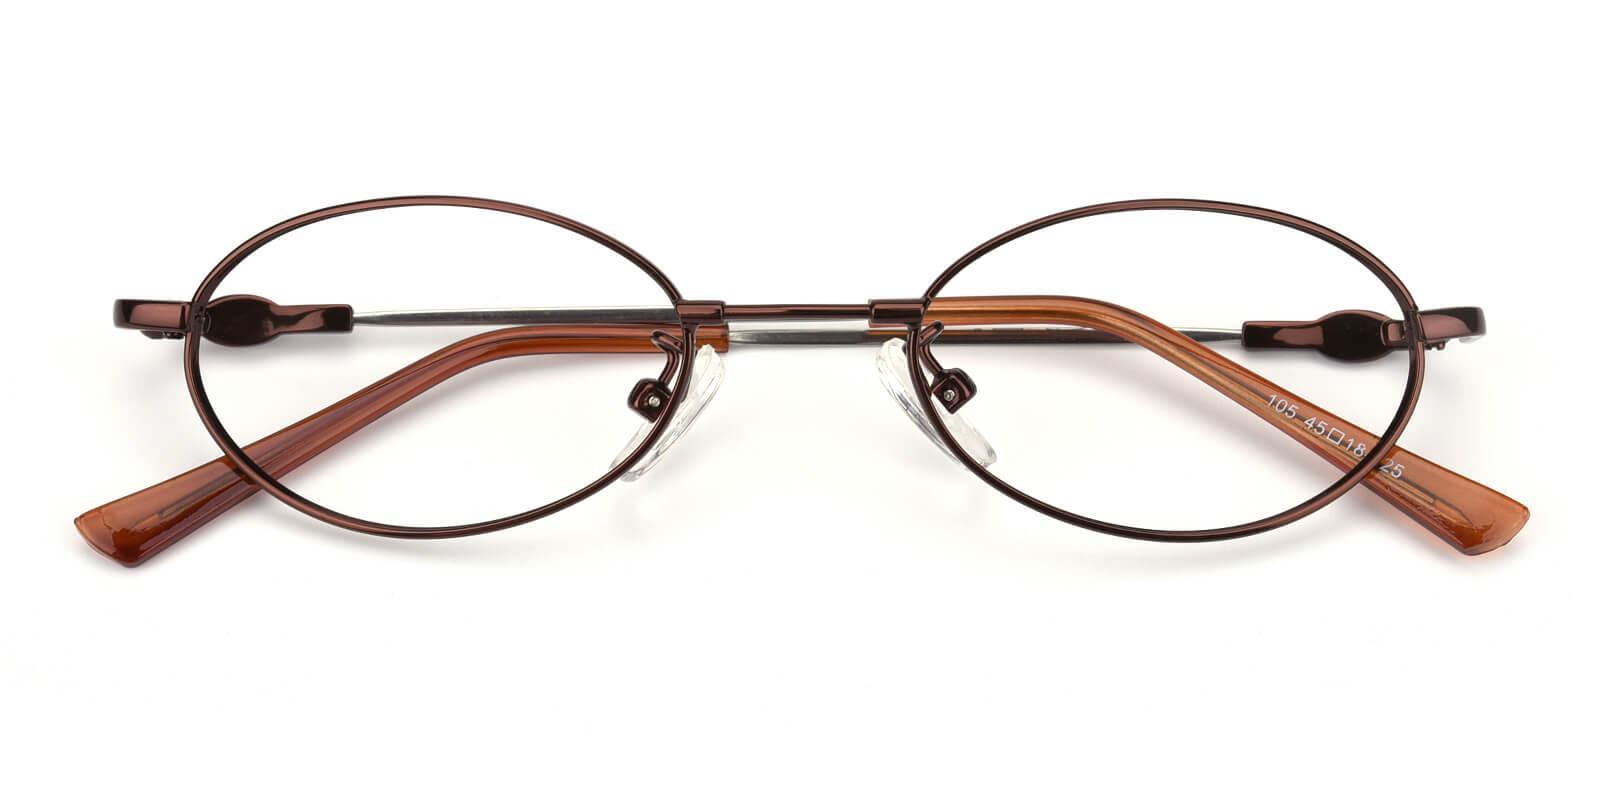 Kola-Brown-Rectangle-Acetate-Eyeglasses-detail